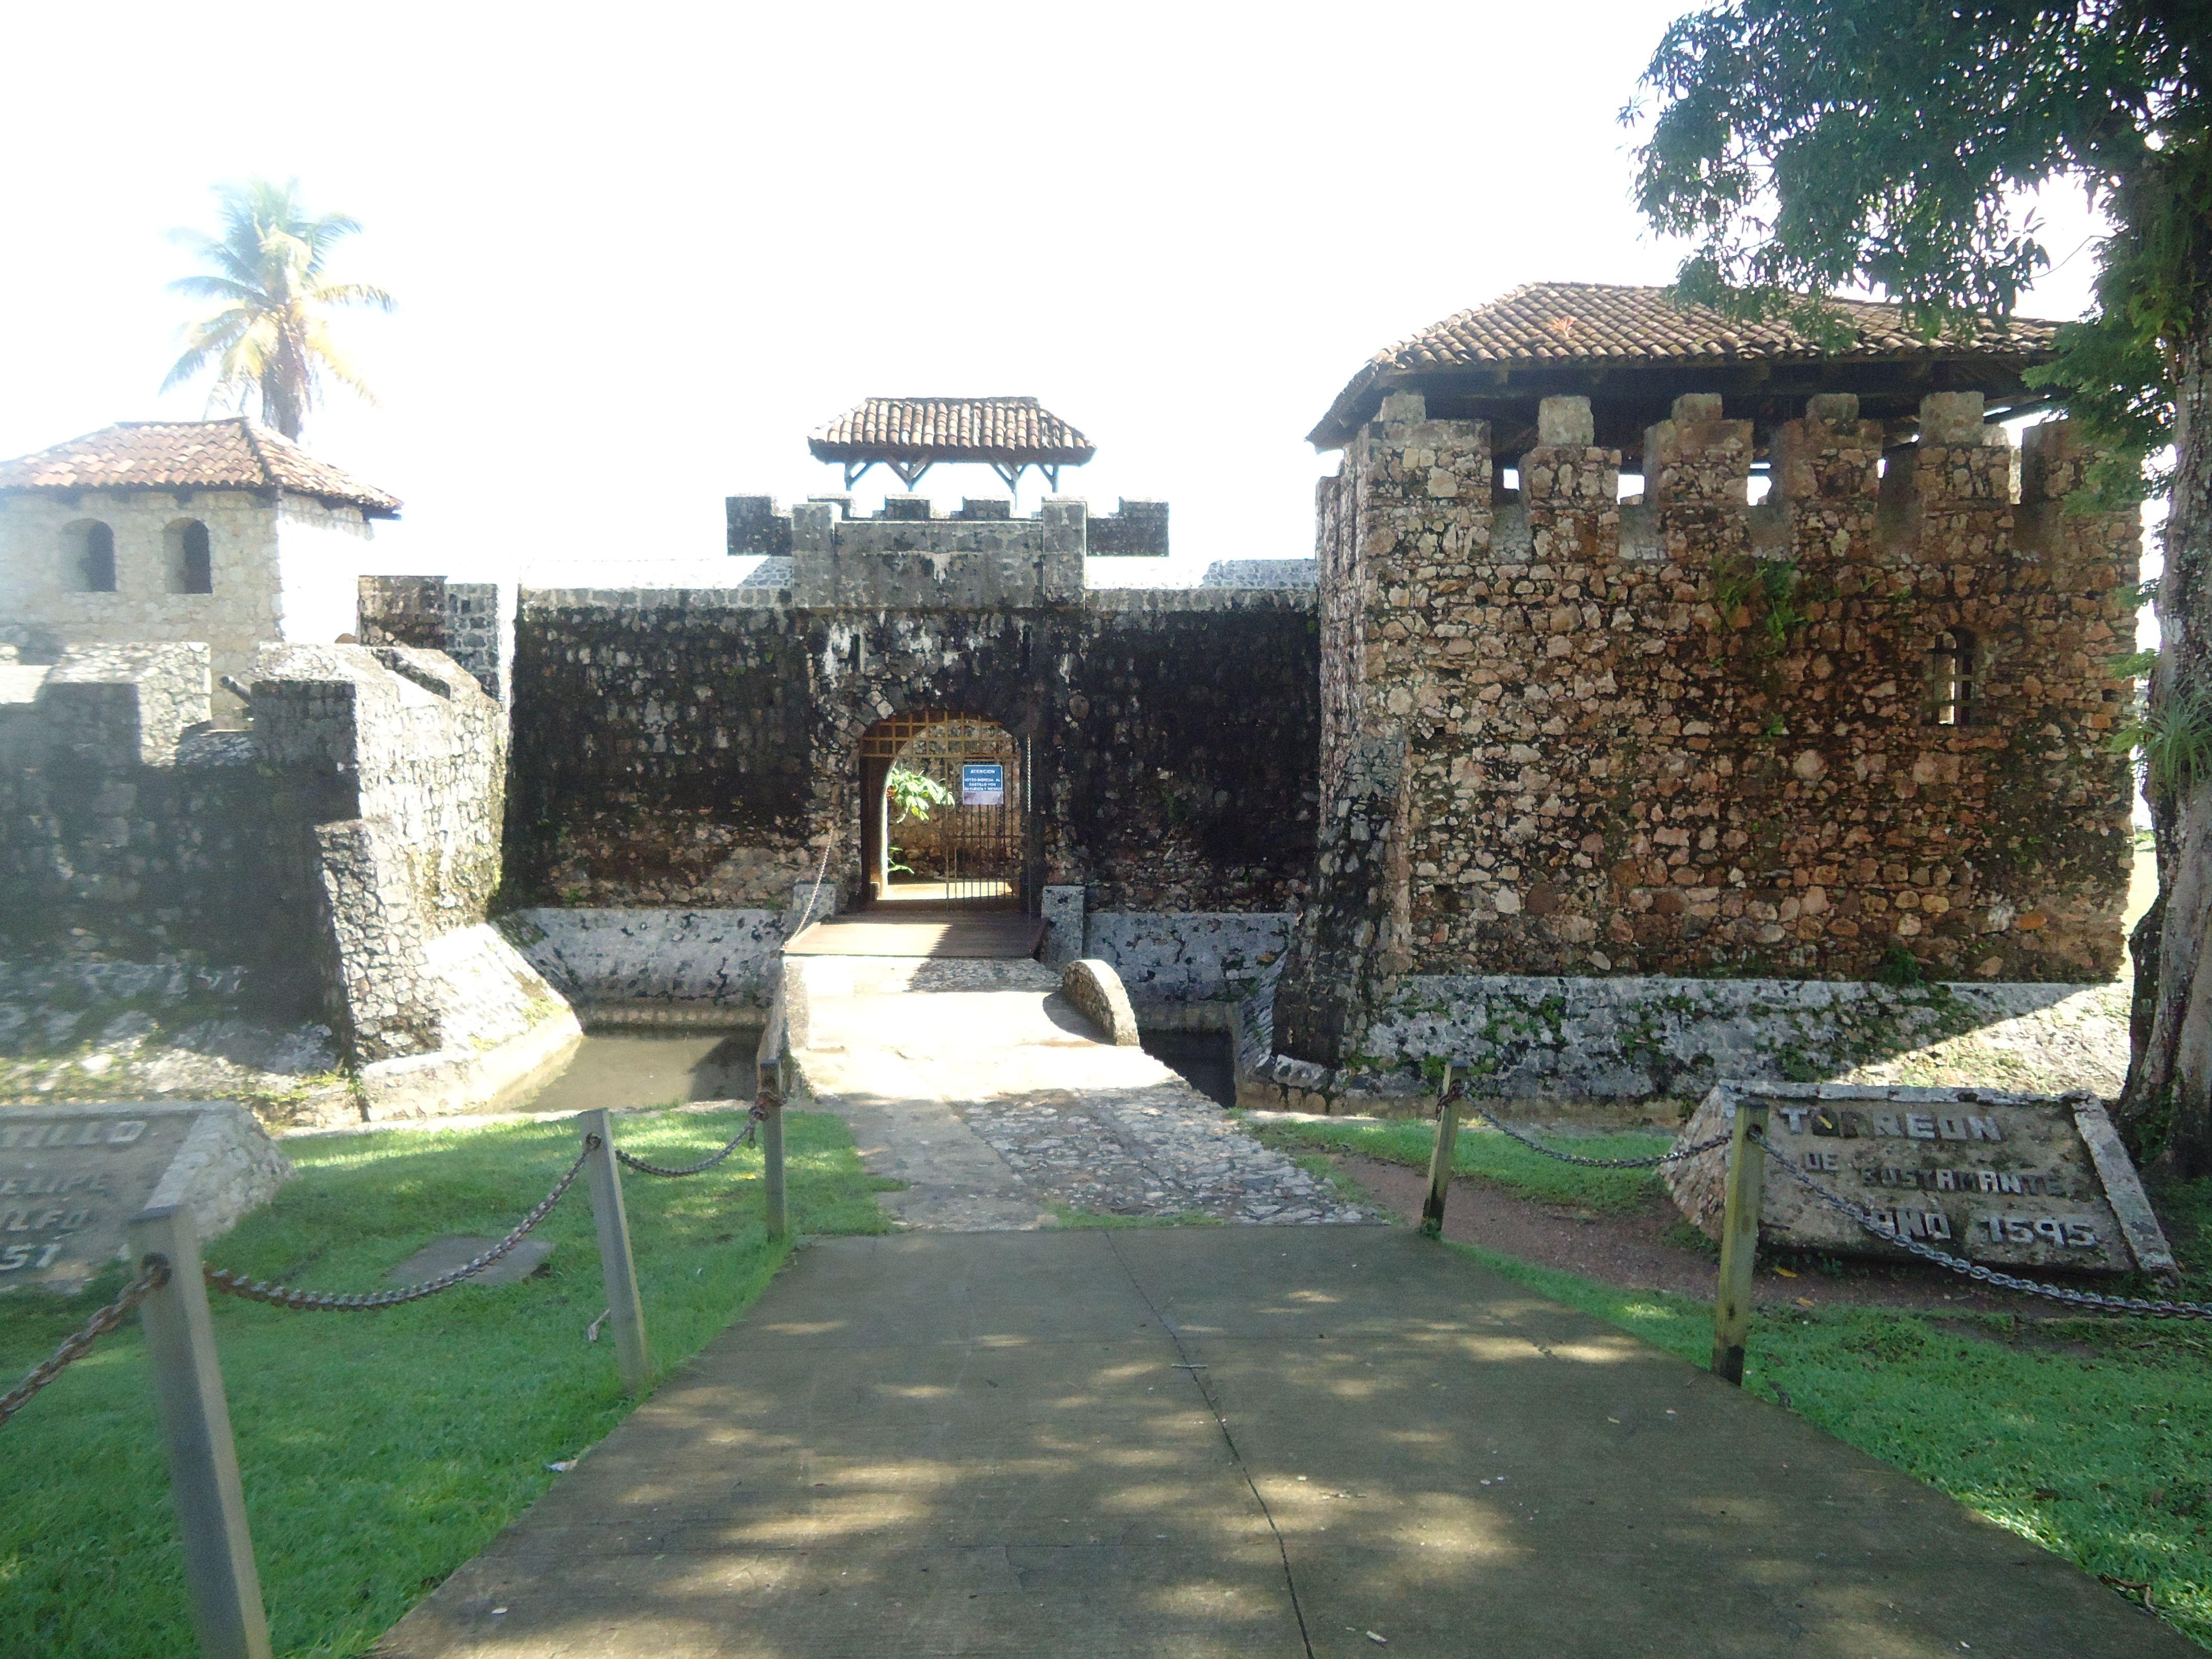 Este es el inigualable castillo de San Felipe ubicado en Izabal, lo mas maravilloso de el, son sus impresionantes vistas, destacando el hermoso lago de Izabal.